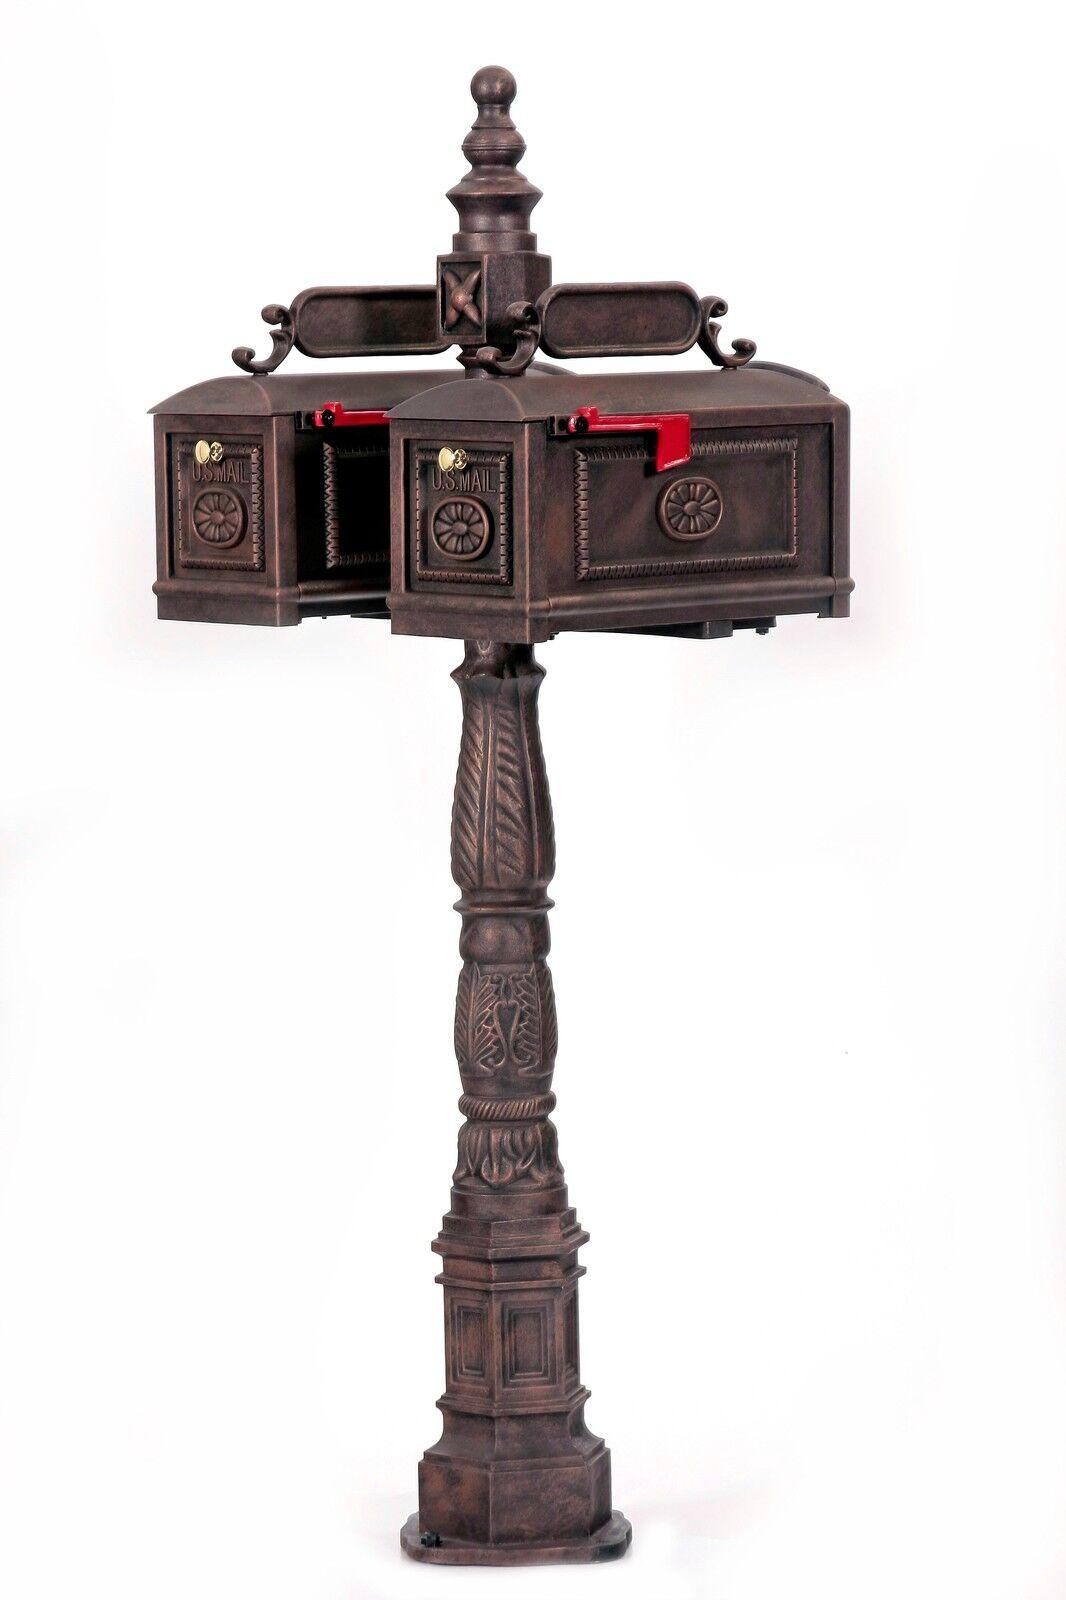 BBD-R Better Box Mailboxes - DOUBLE- Mail Box BRONZE Decorative Cast Aluminum